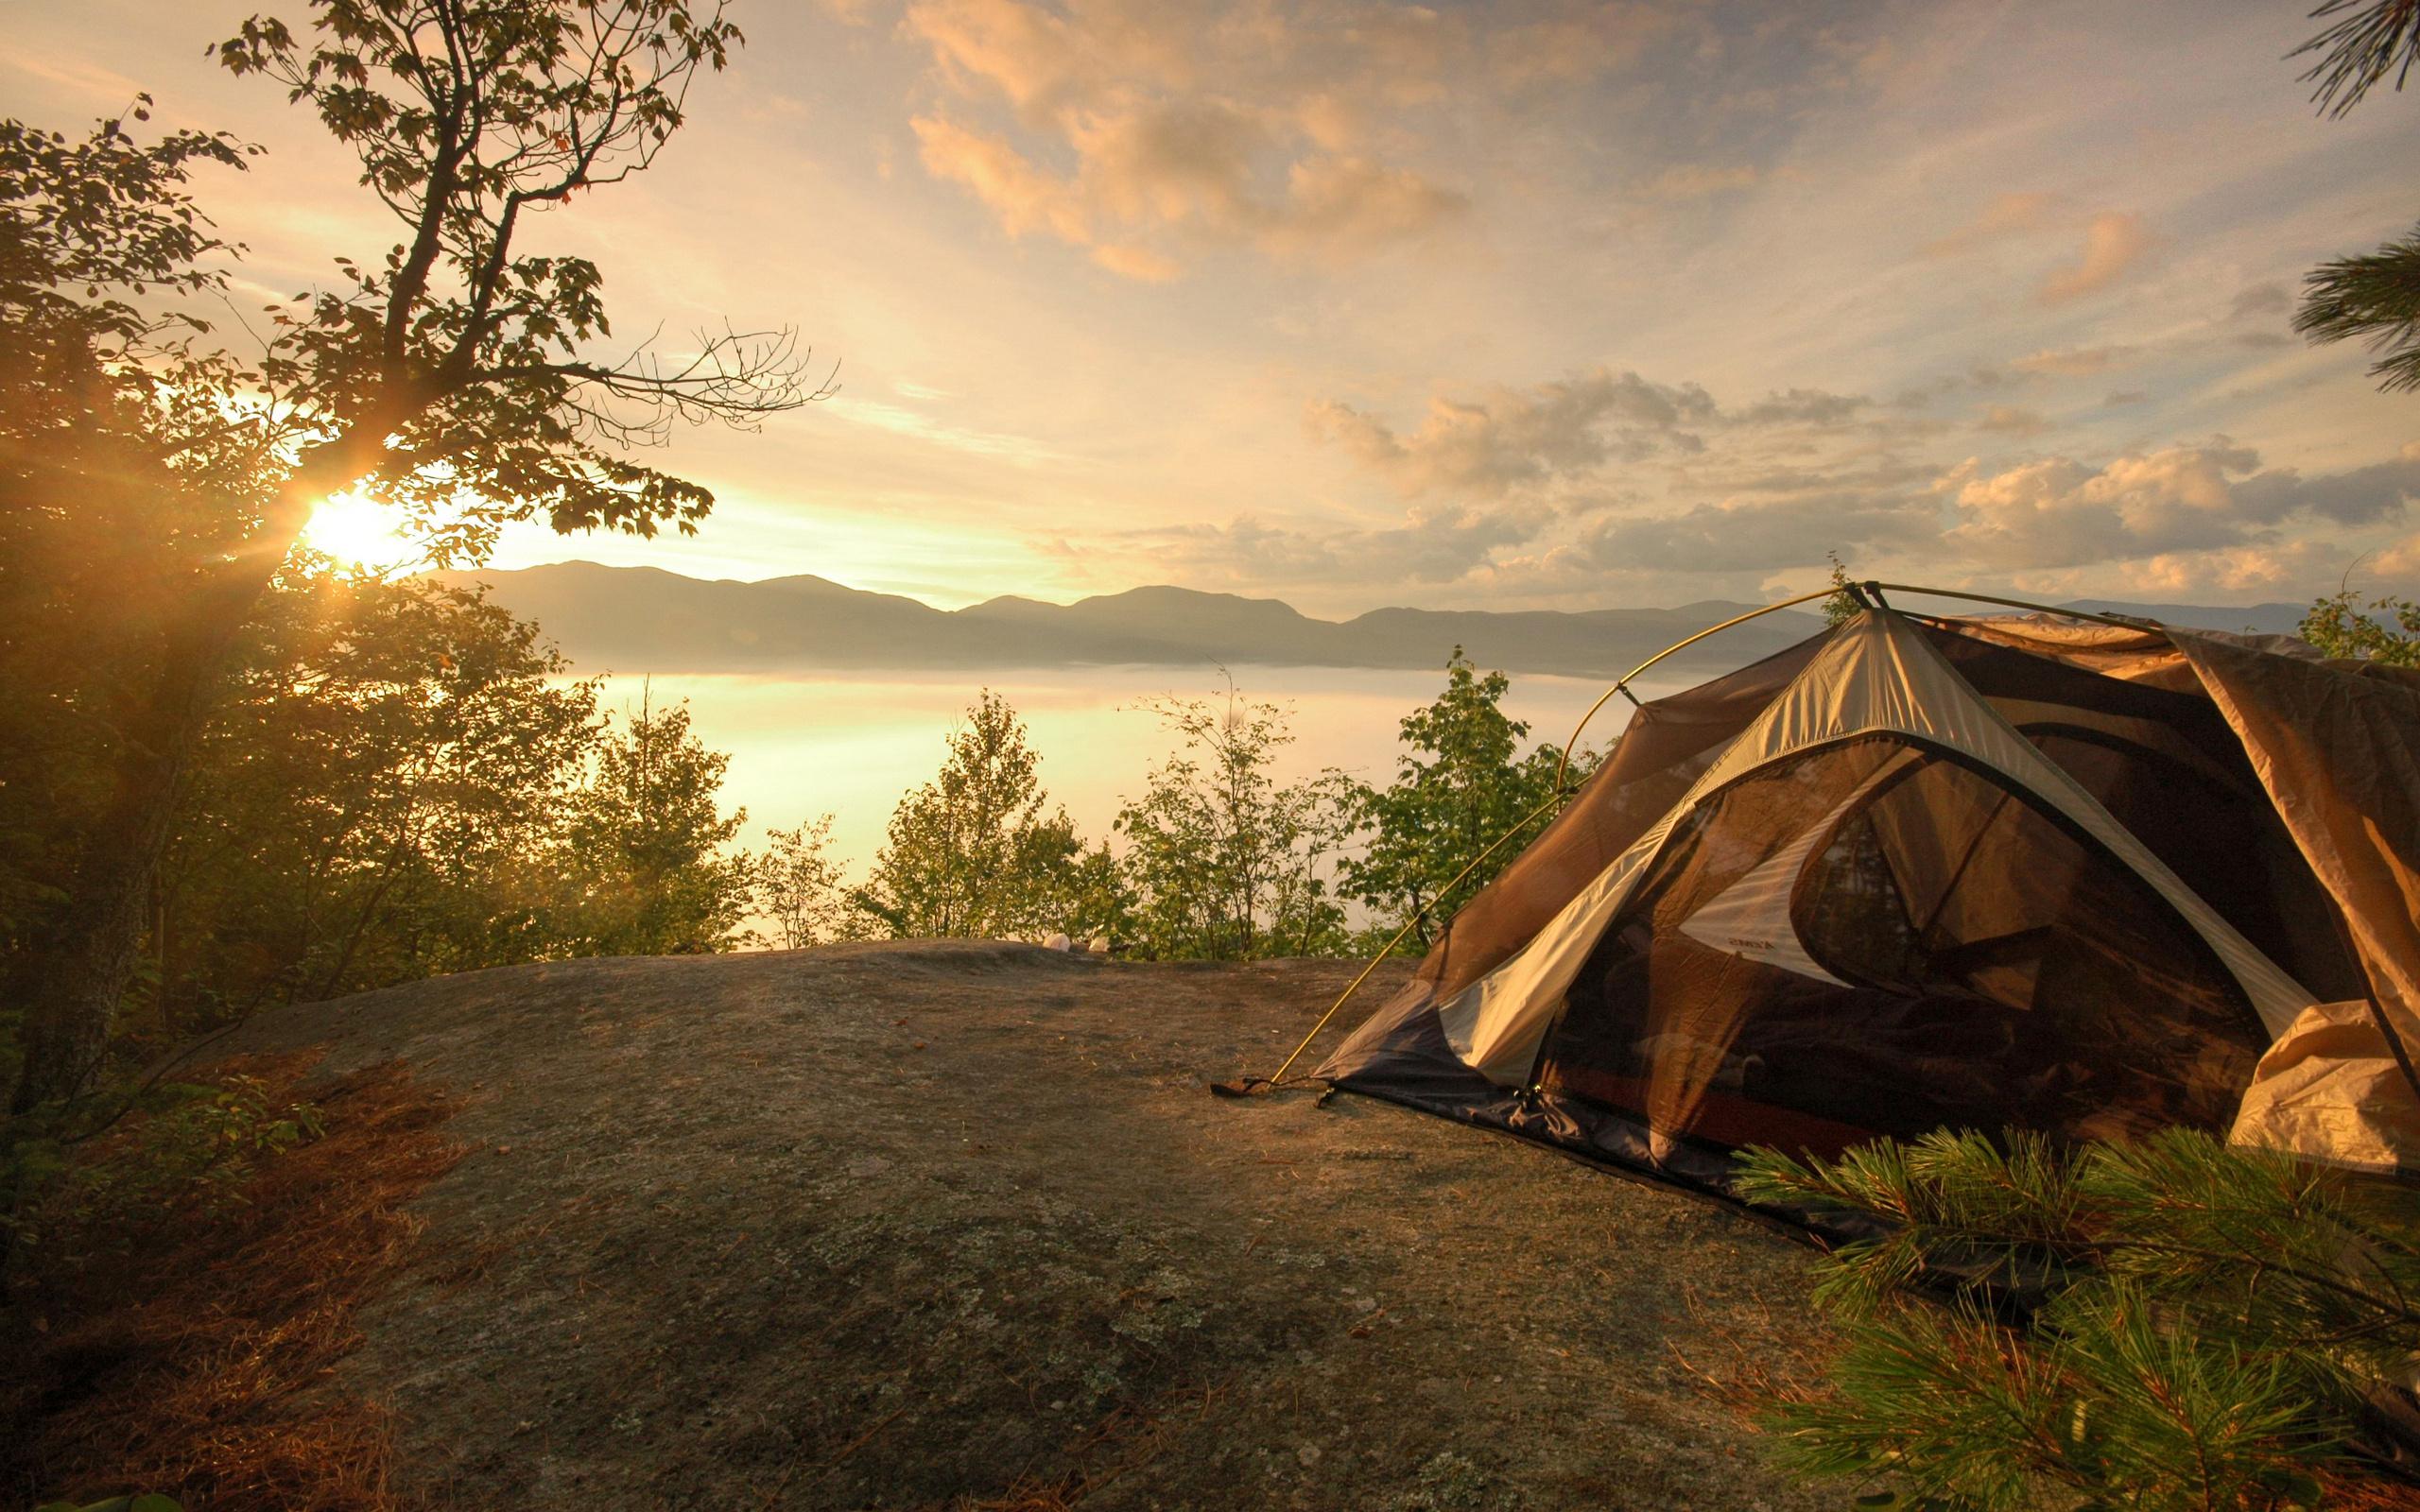 camping wallpaper ile ilgili görsel sonucu